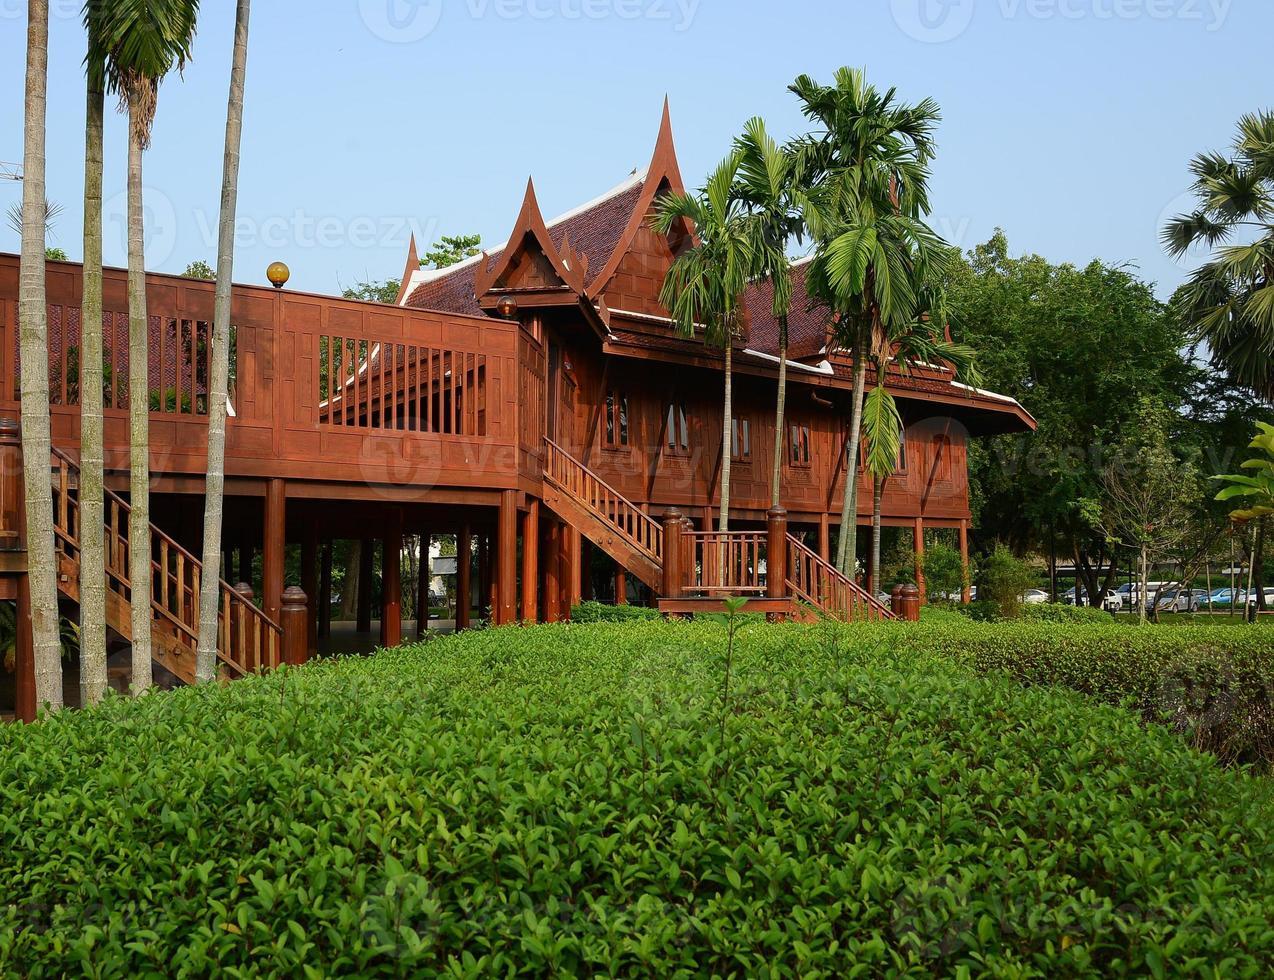 casa tailandesa foto